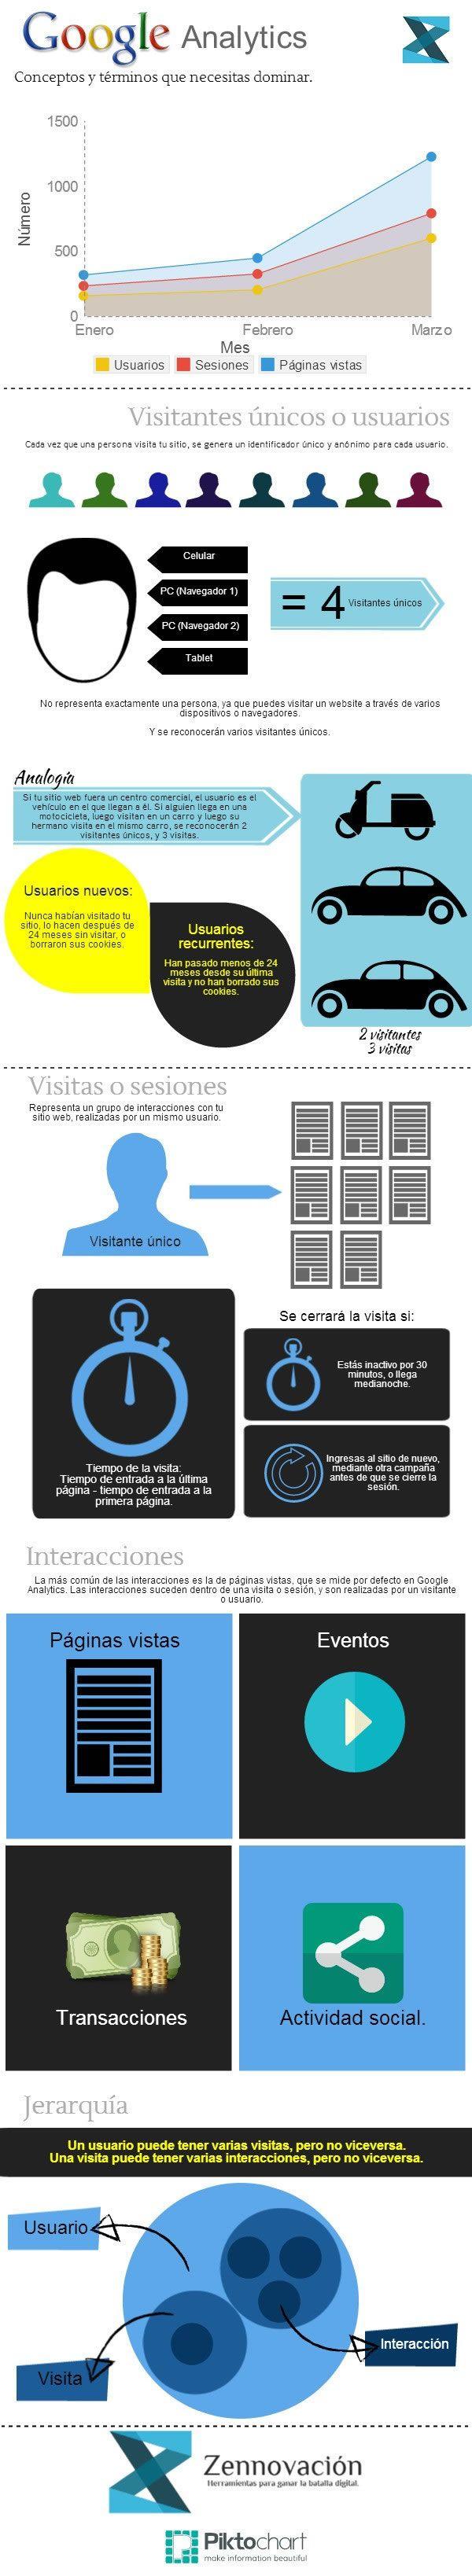 Explicación de los términos de #GoogleAnalytics en una #infografia